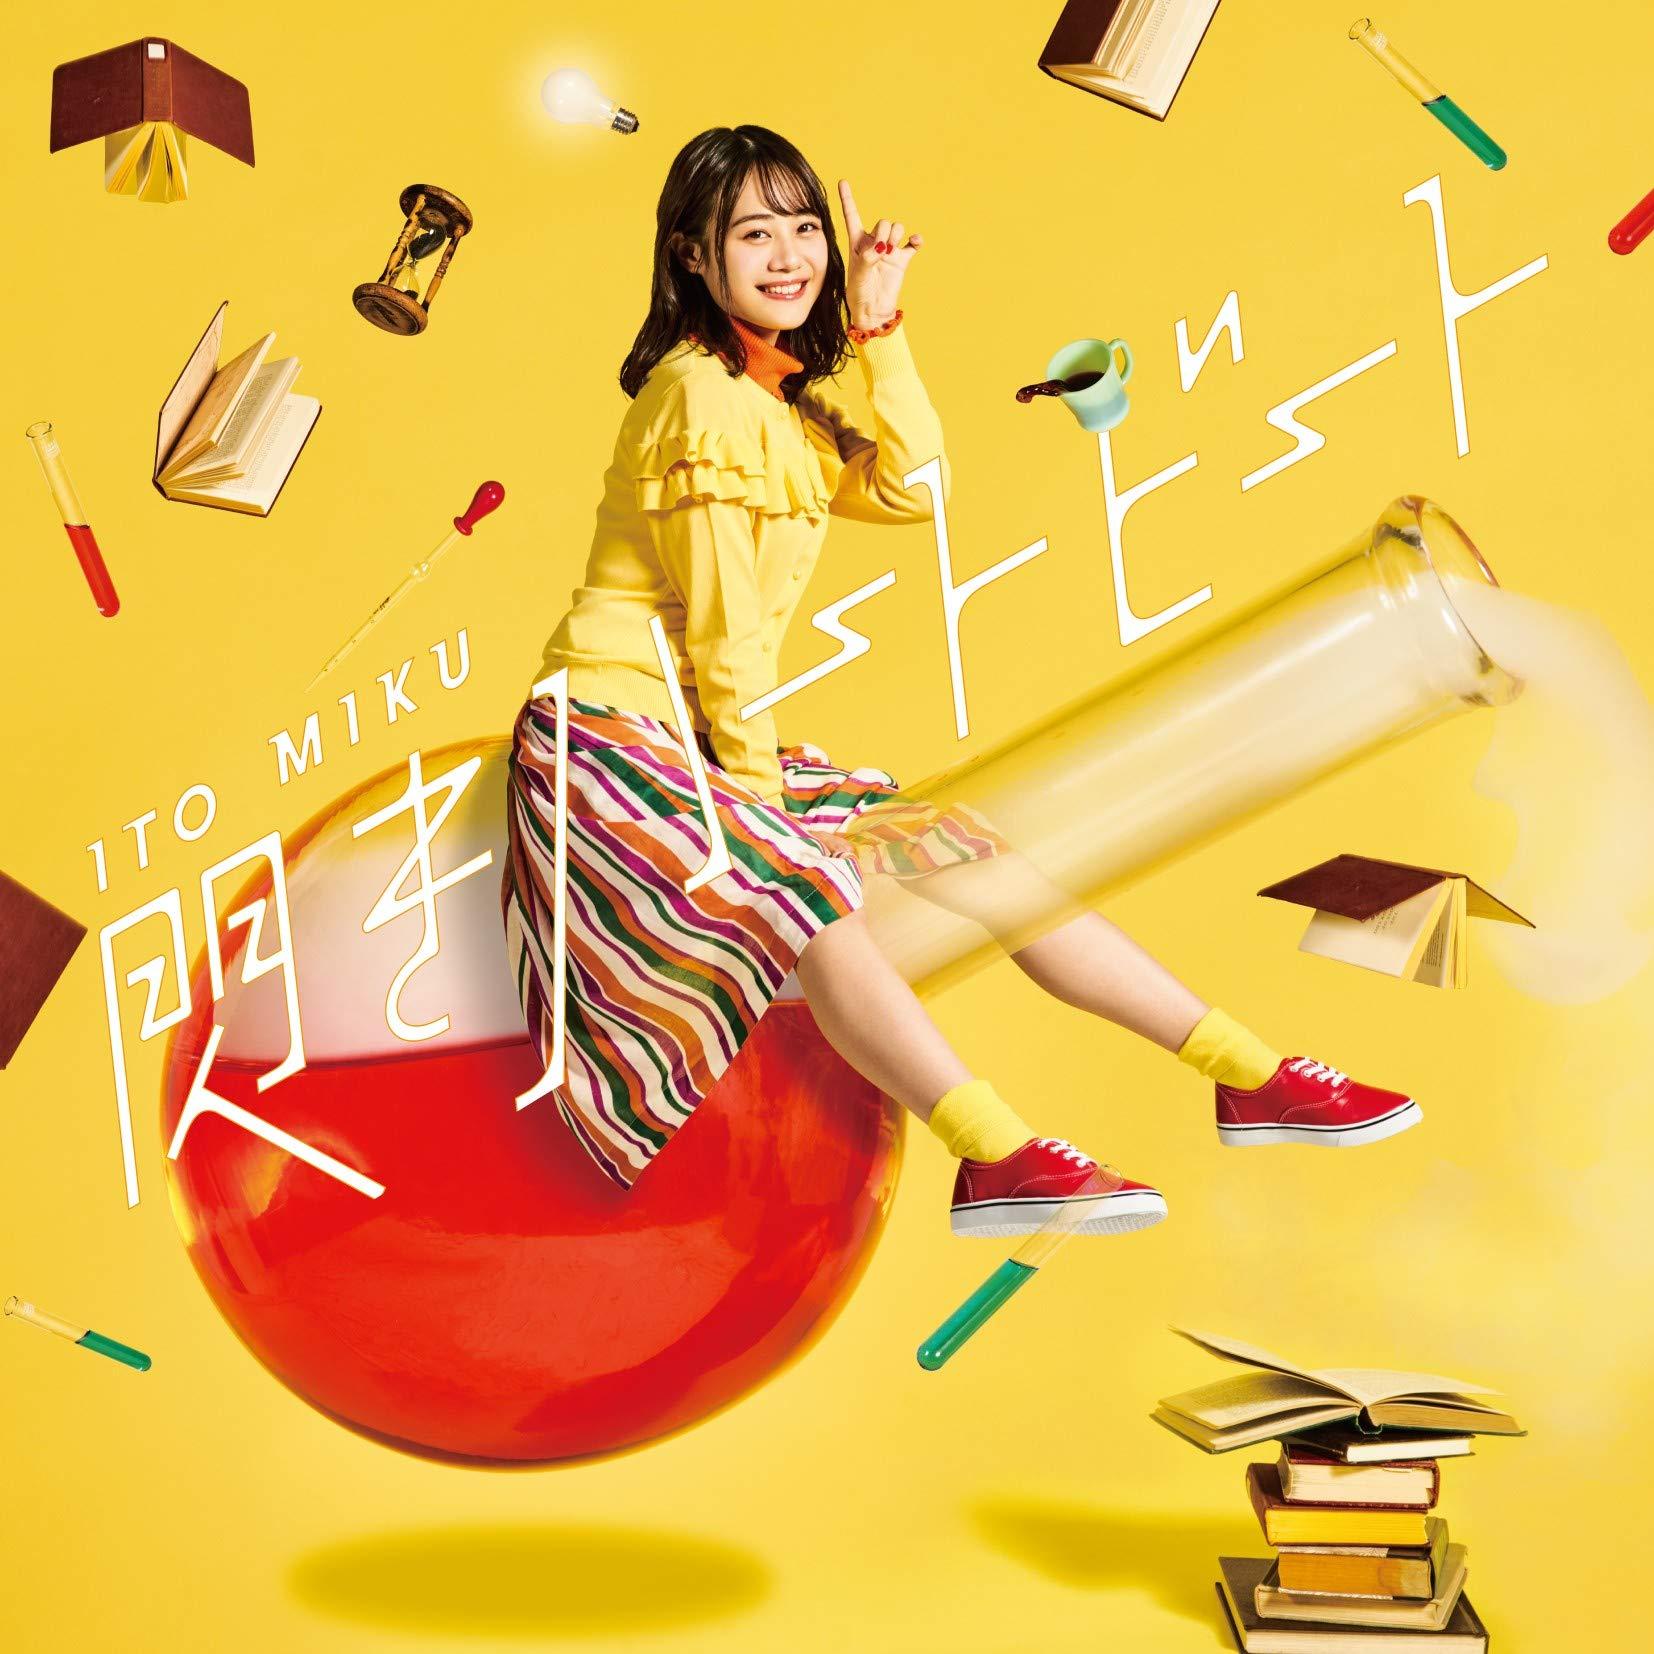 閃きハートビート【DVD付き限定盤】(オリジナル絵柄ブロマイド(複製サイン入り)付)